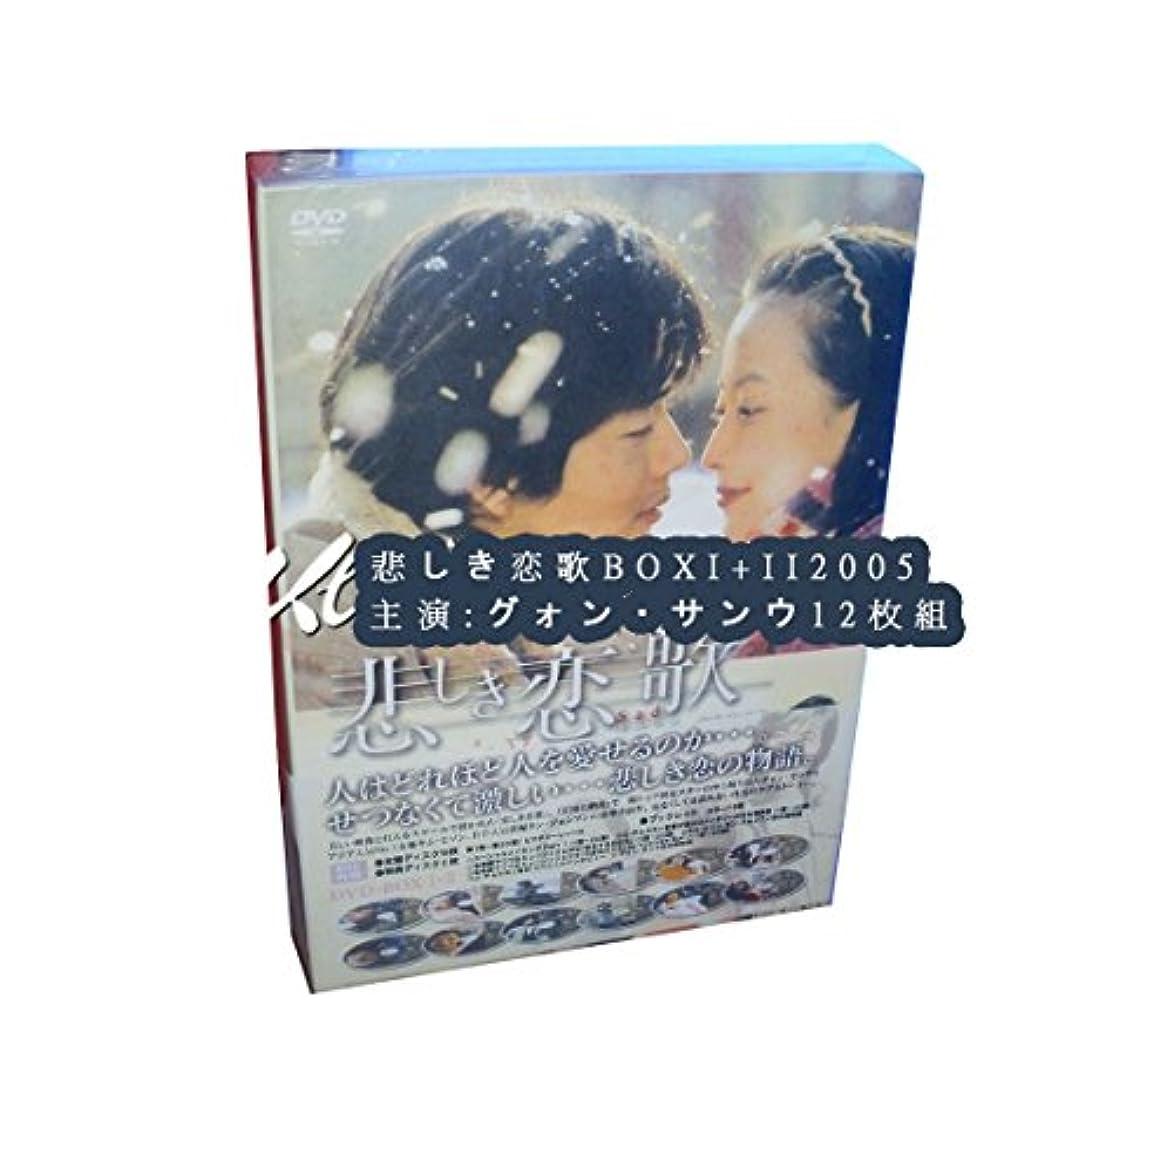 マニフェストコショウ満了悲しき恋歌 BOXI+II 2005 主演: グォン?サンウ